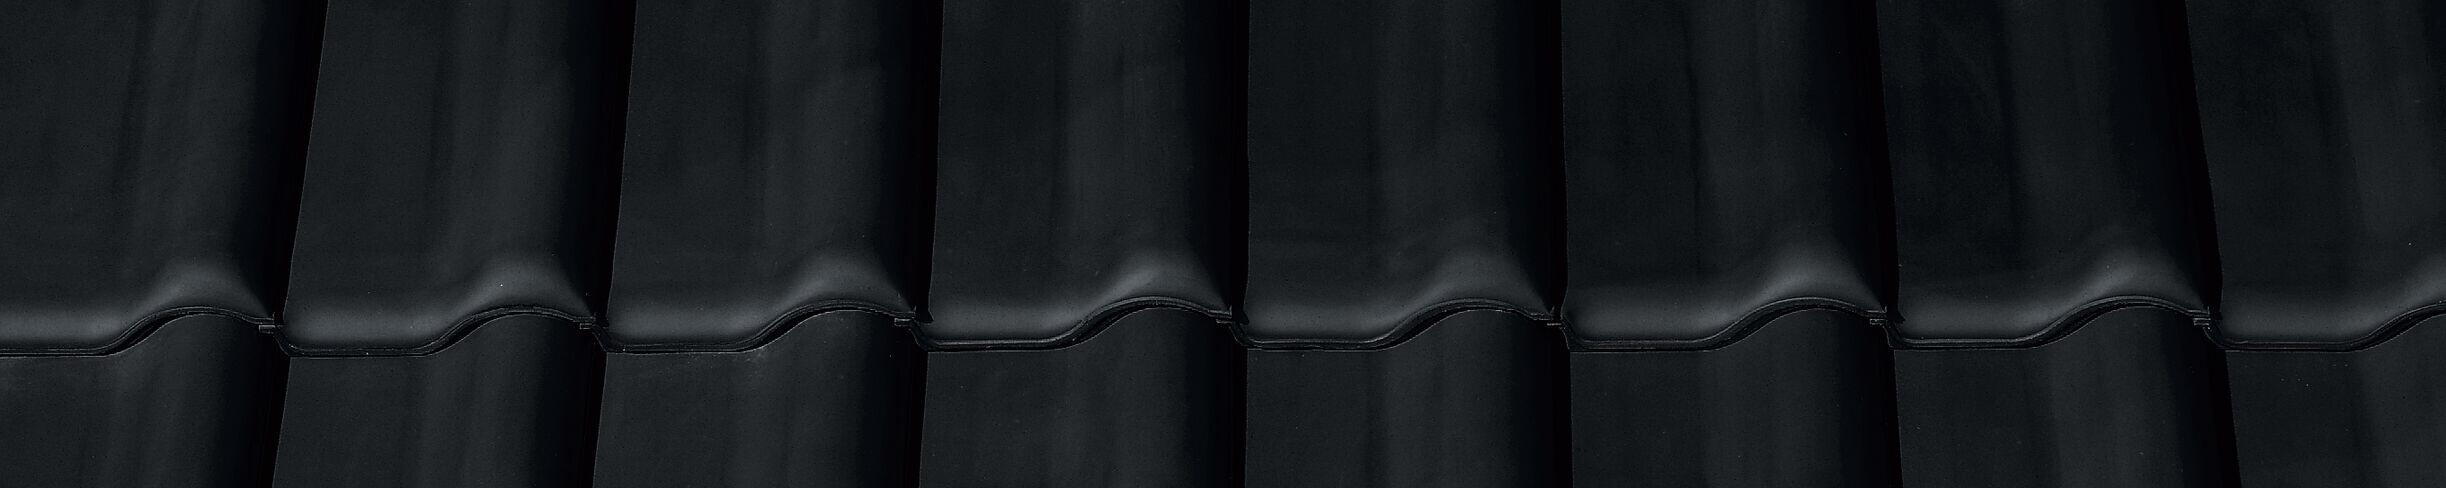 MZ3 NEU NUANCE black matt engobed